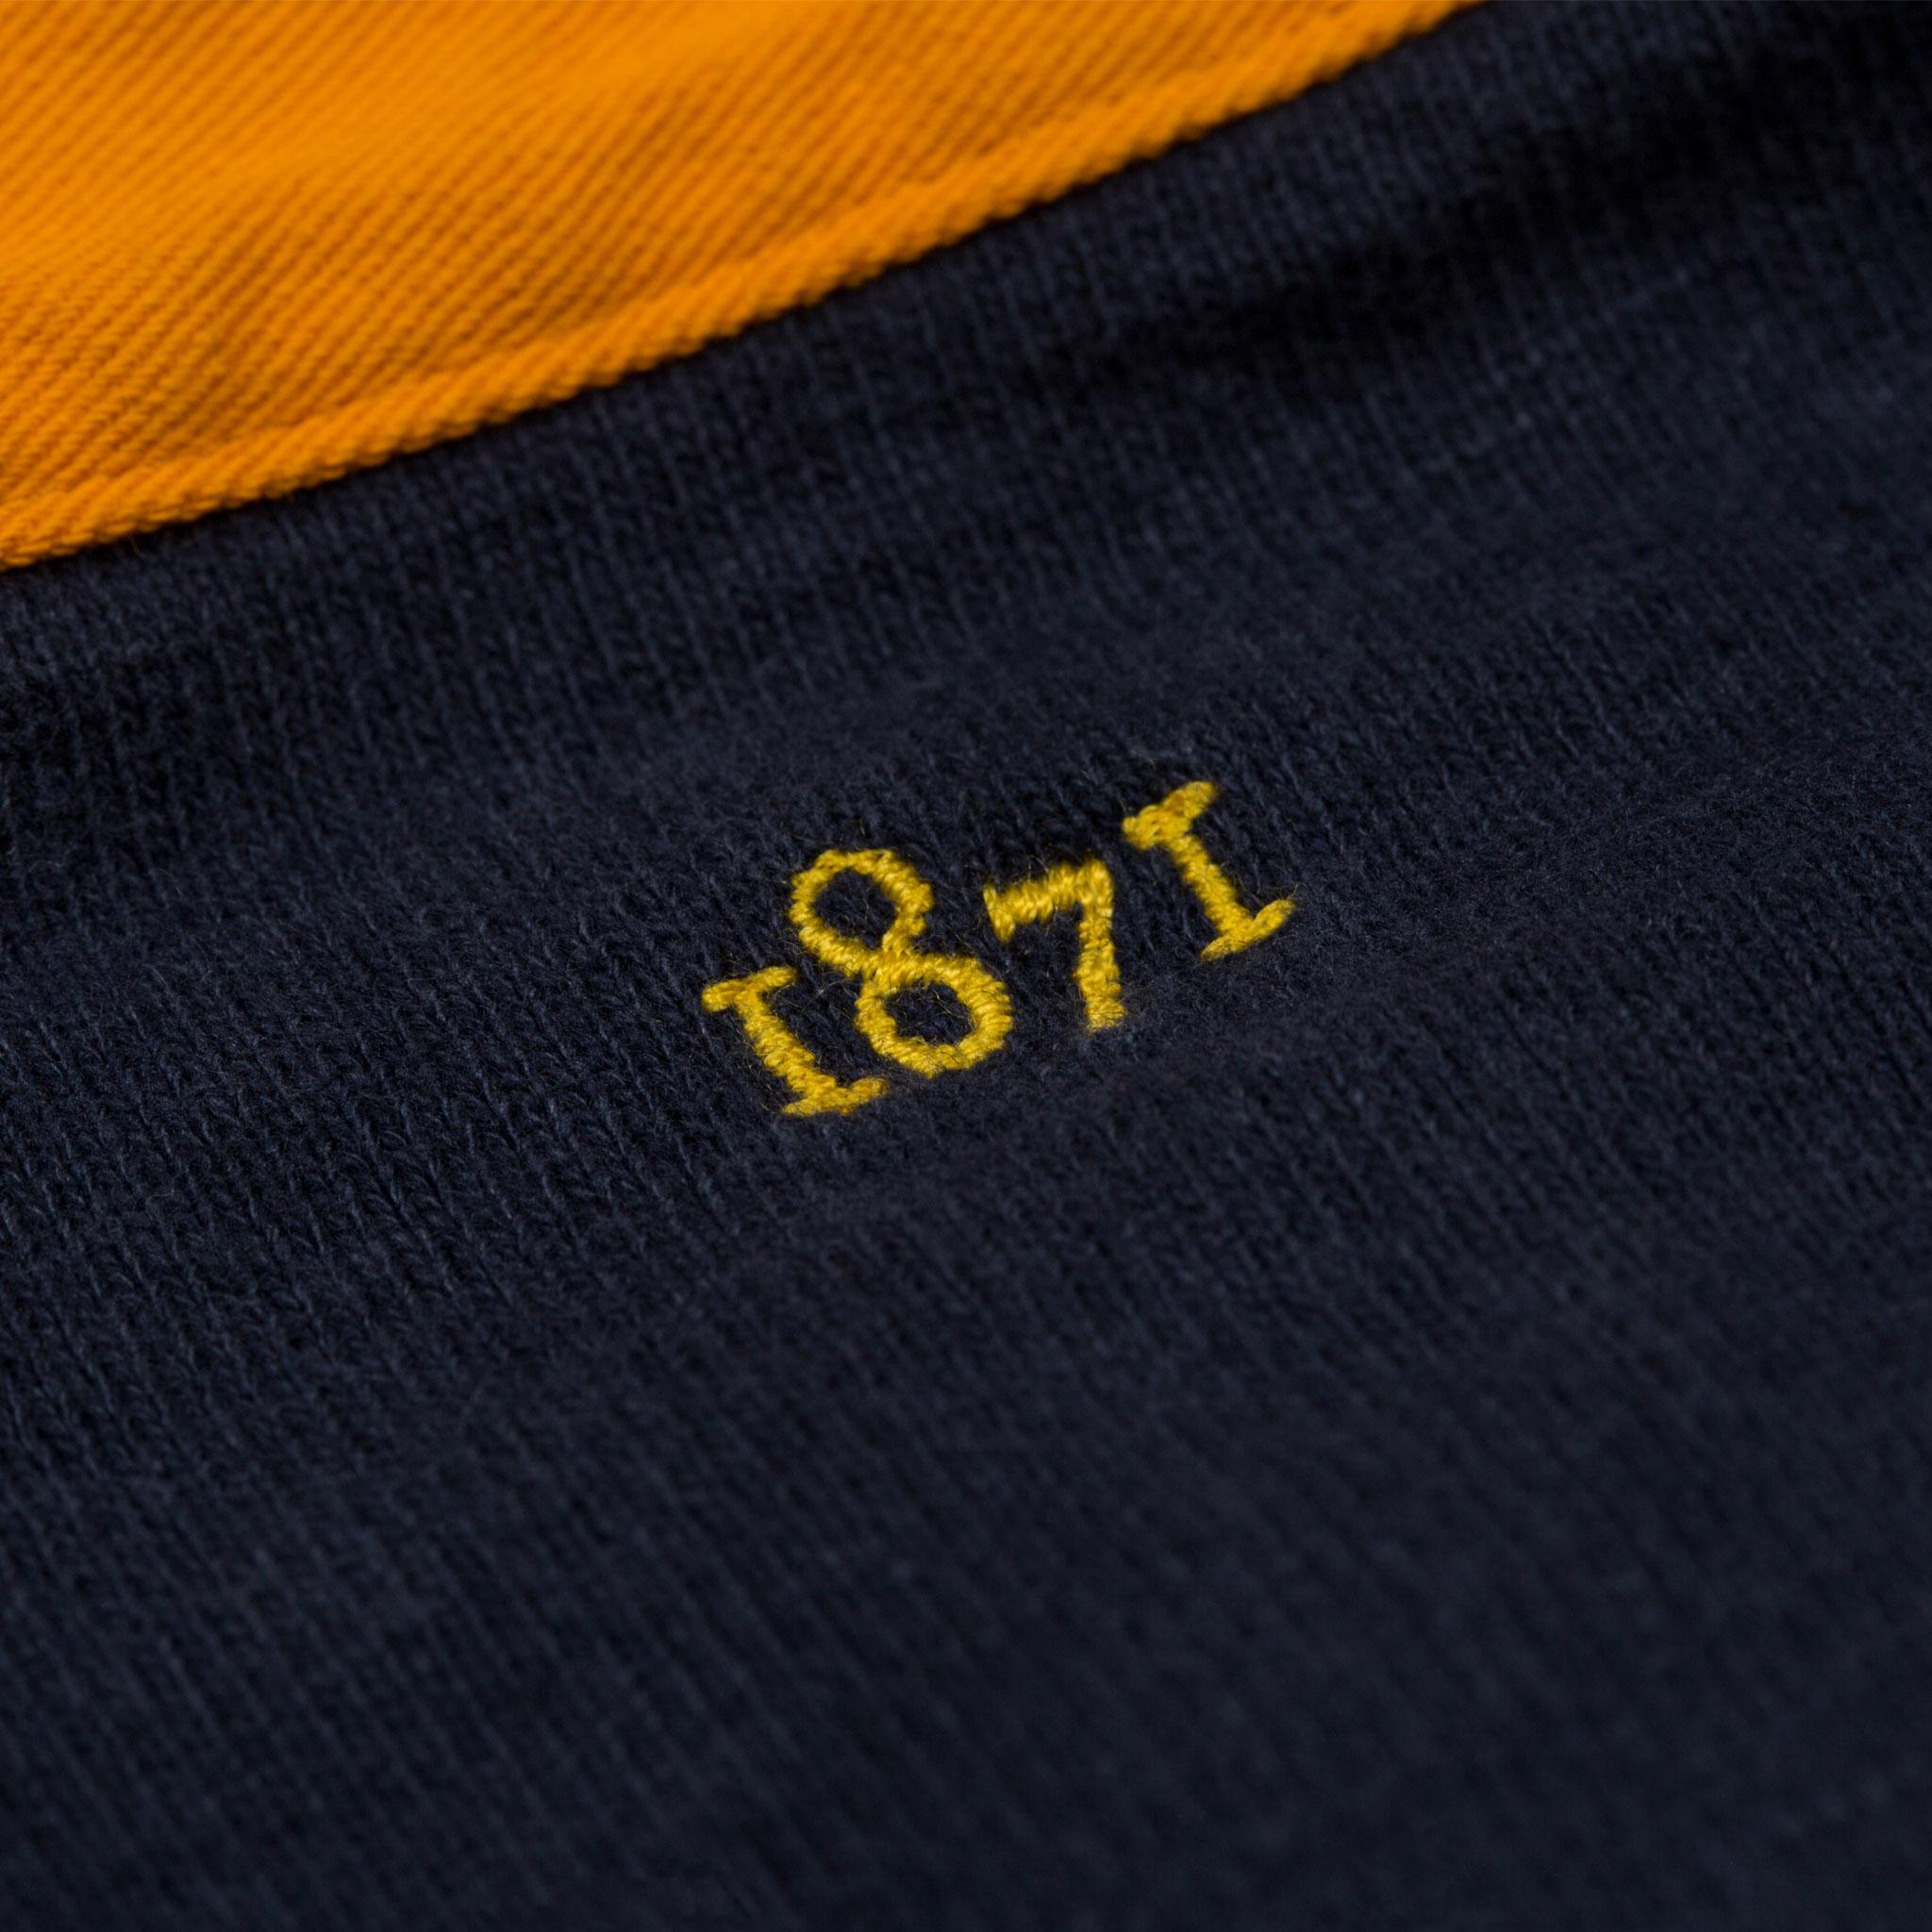 Marlborough Nomads 1871 embroidery